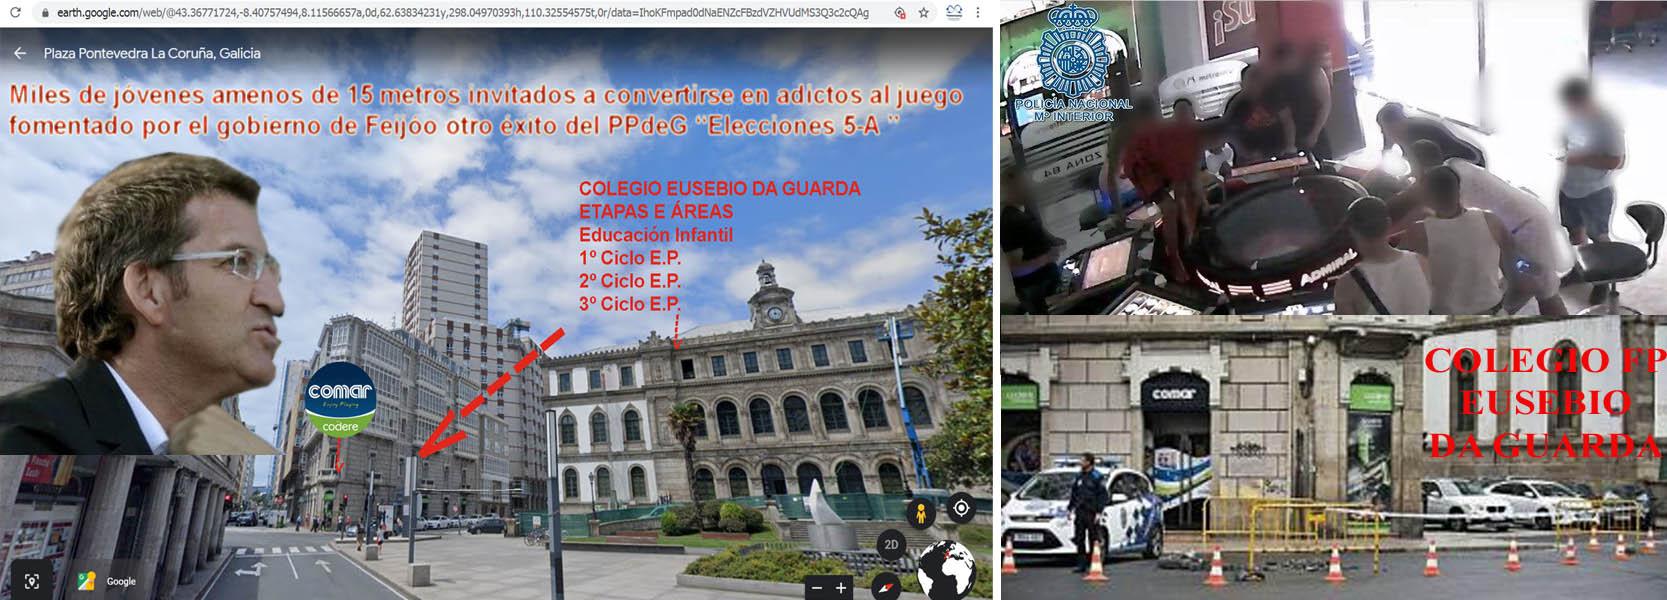 Reportaje; La prima de Feijóo, Eloina Núñez ya es considerada la mayor  desgracia sanitaria de Galicia junto a María del Mar Sánchez Sierra y  quieren sus dimisiones. - Xornal Galicia